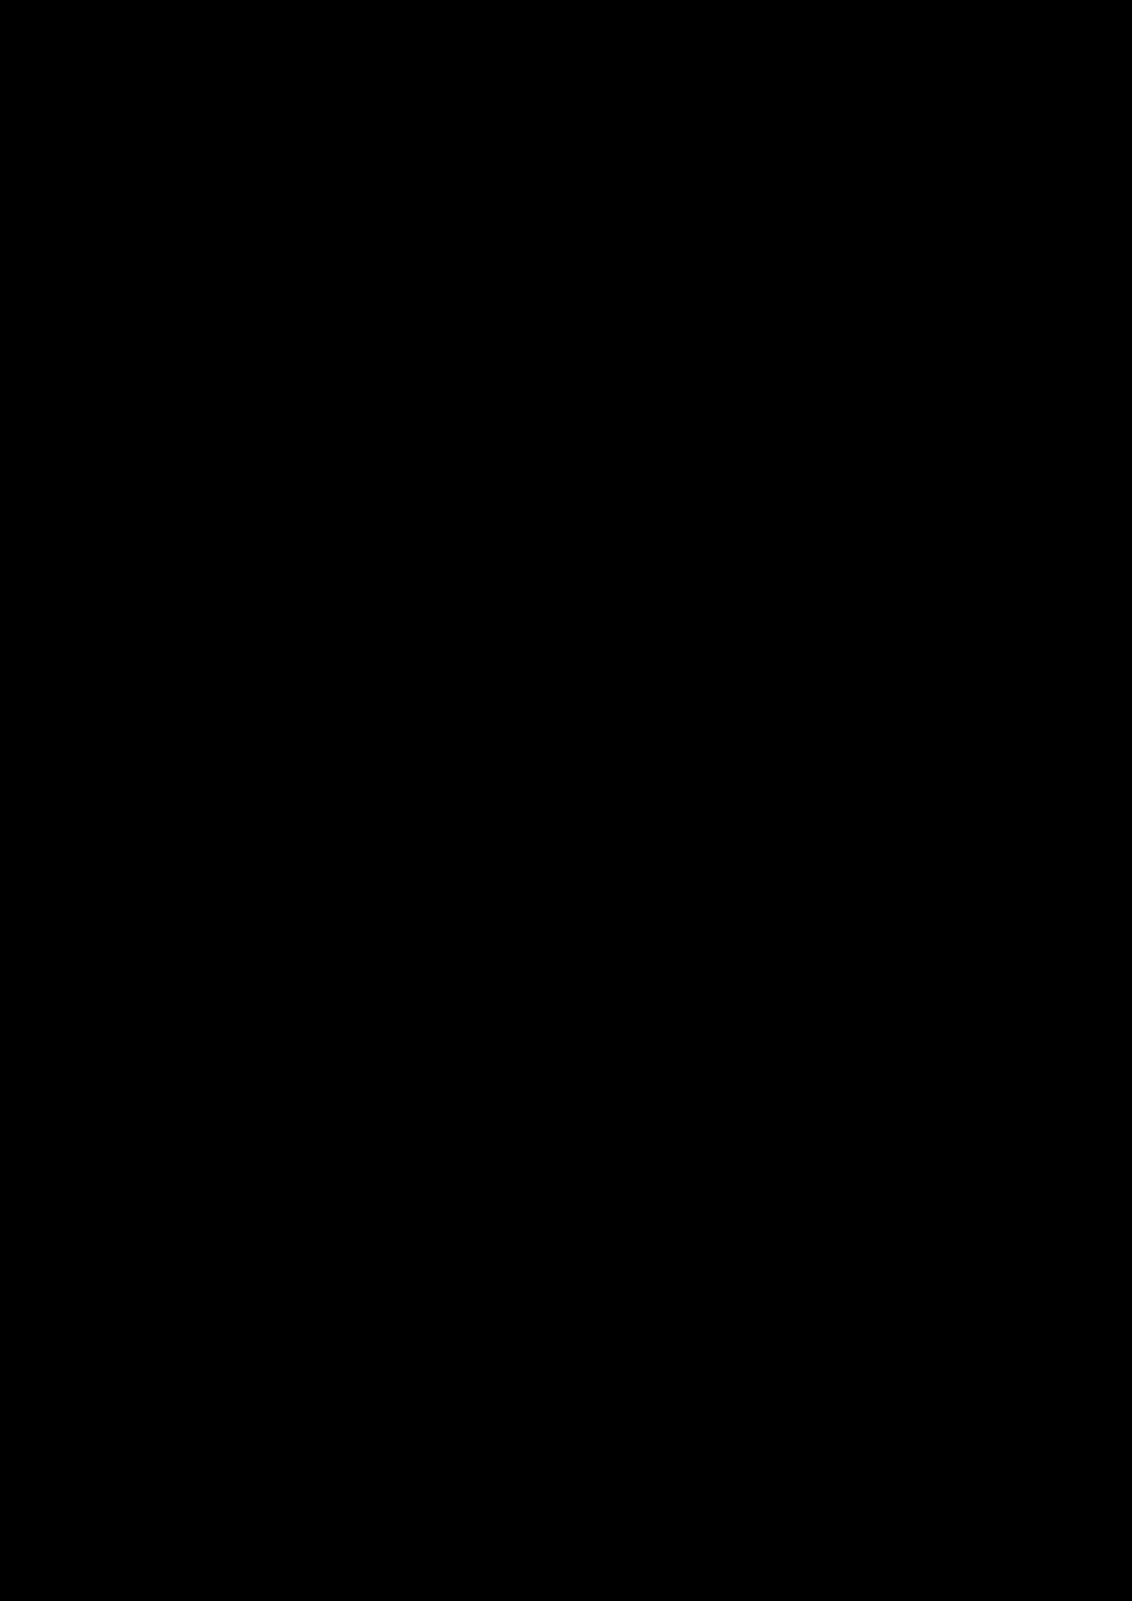 Vyibor Est slide, Image 12